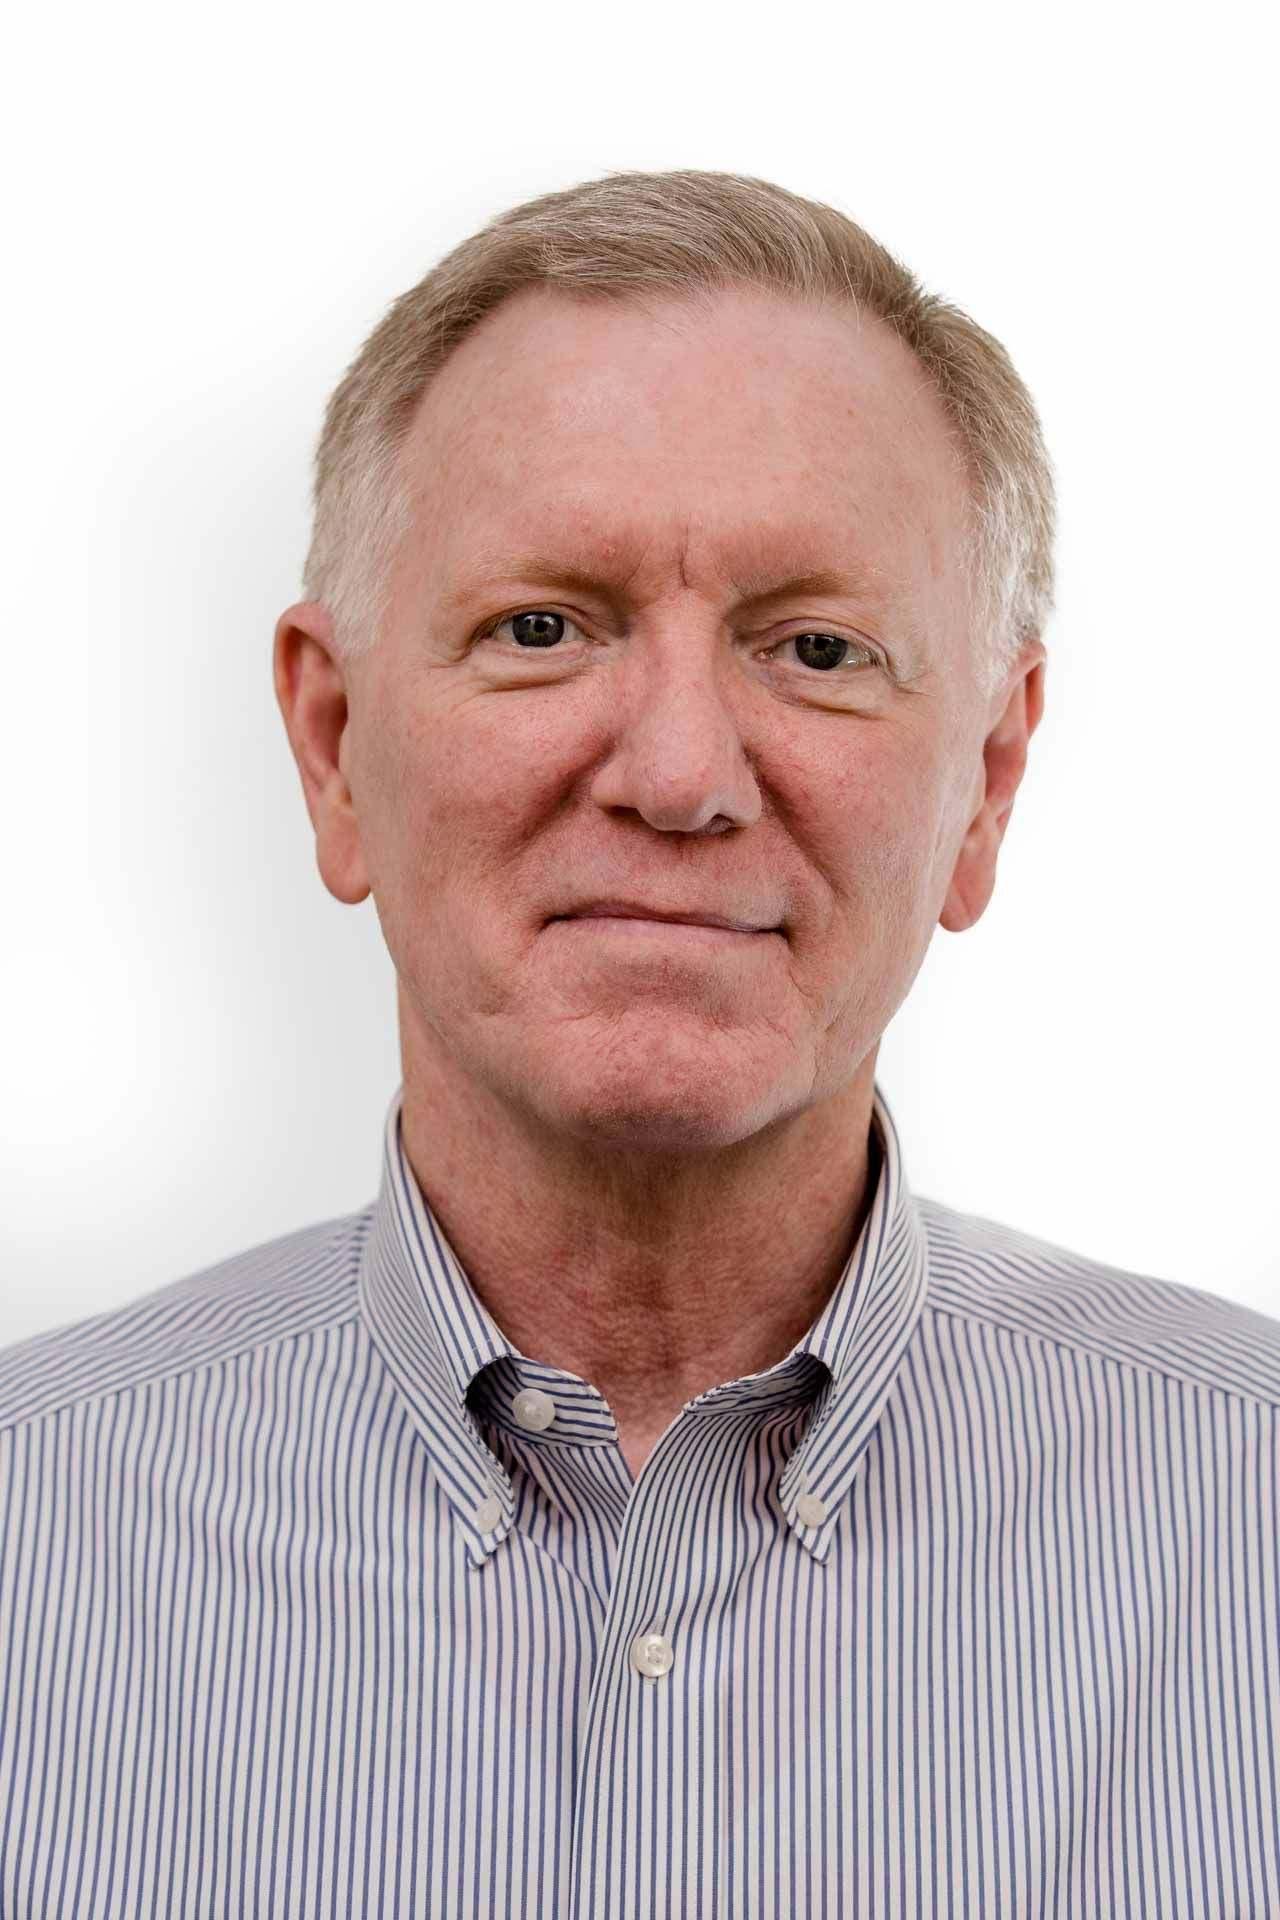 Bruce McCoy